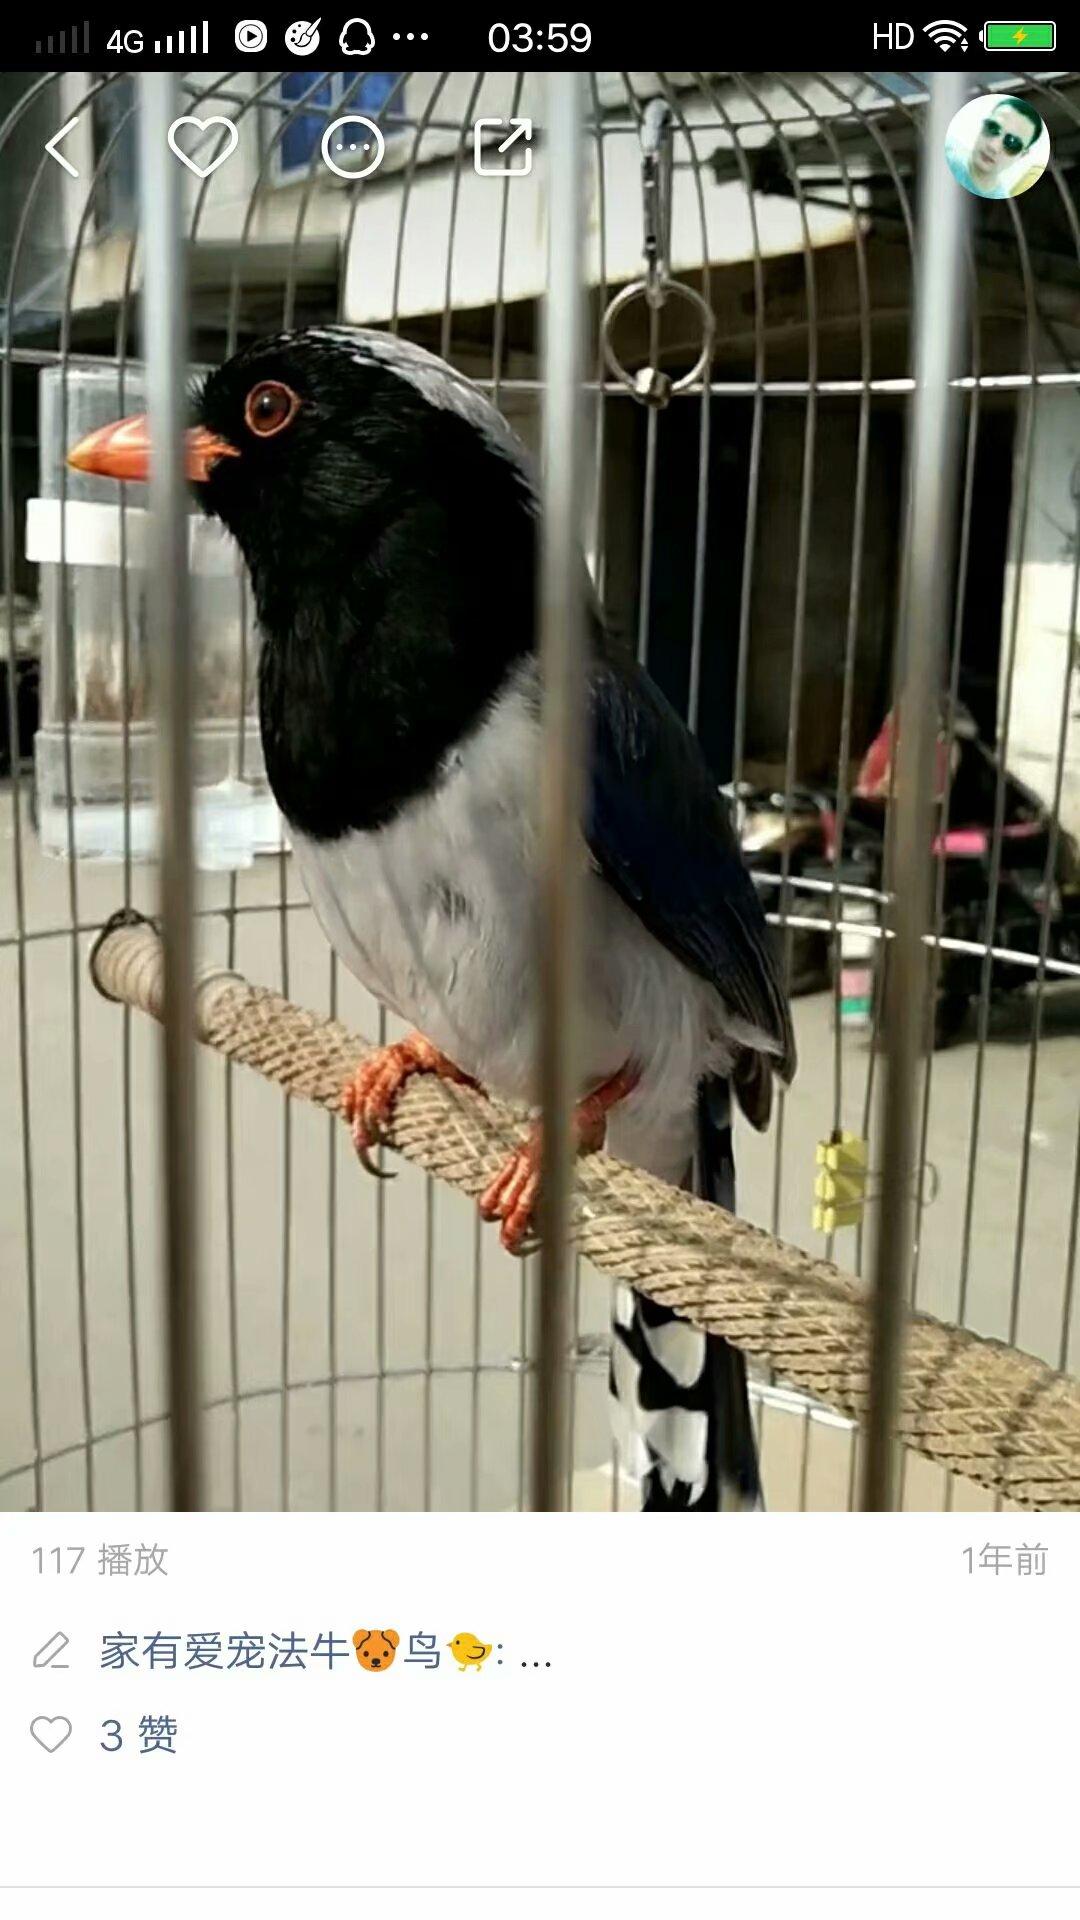 可以放飞养的小太阳鹦鹉,绿和尚鹦鹉,红嘴蓝雀